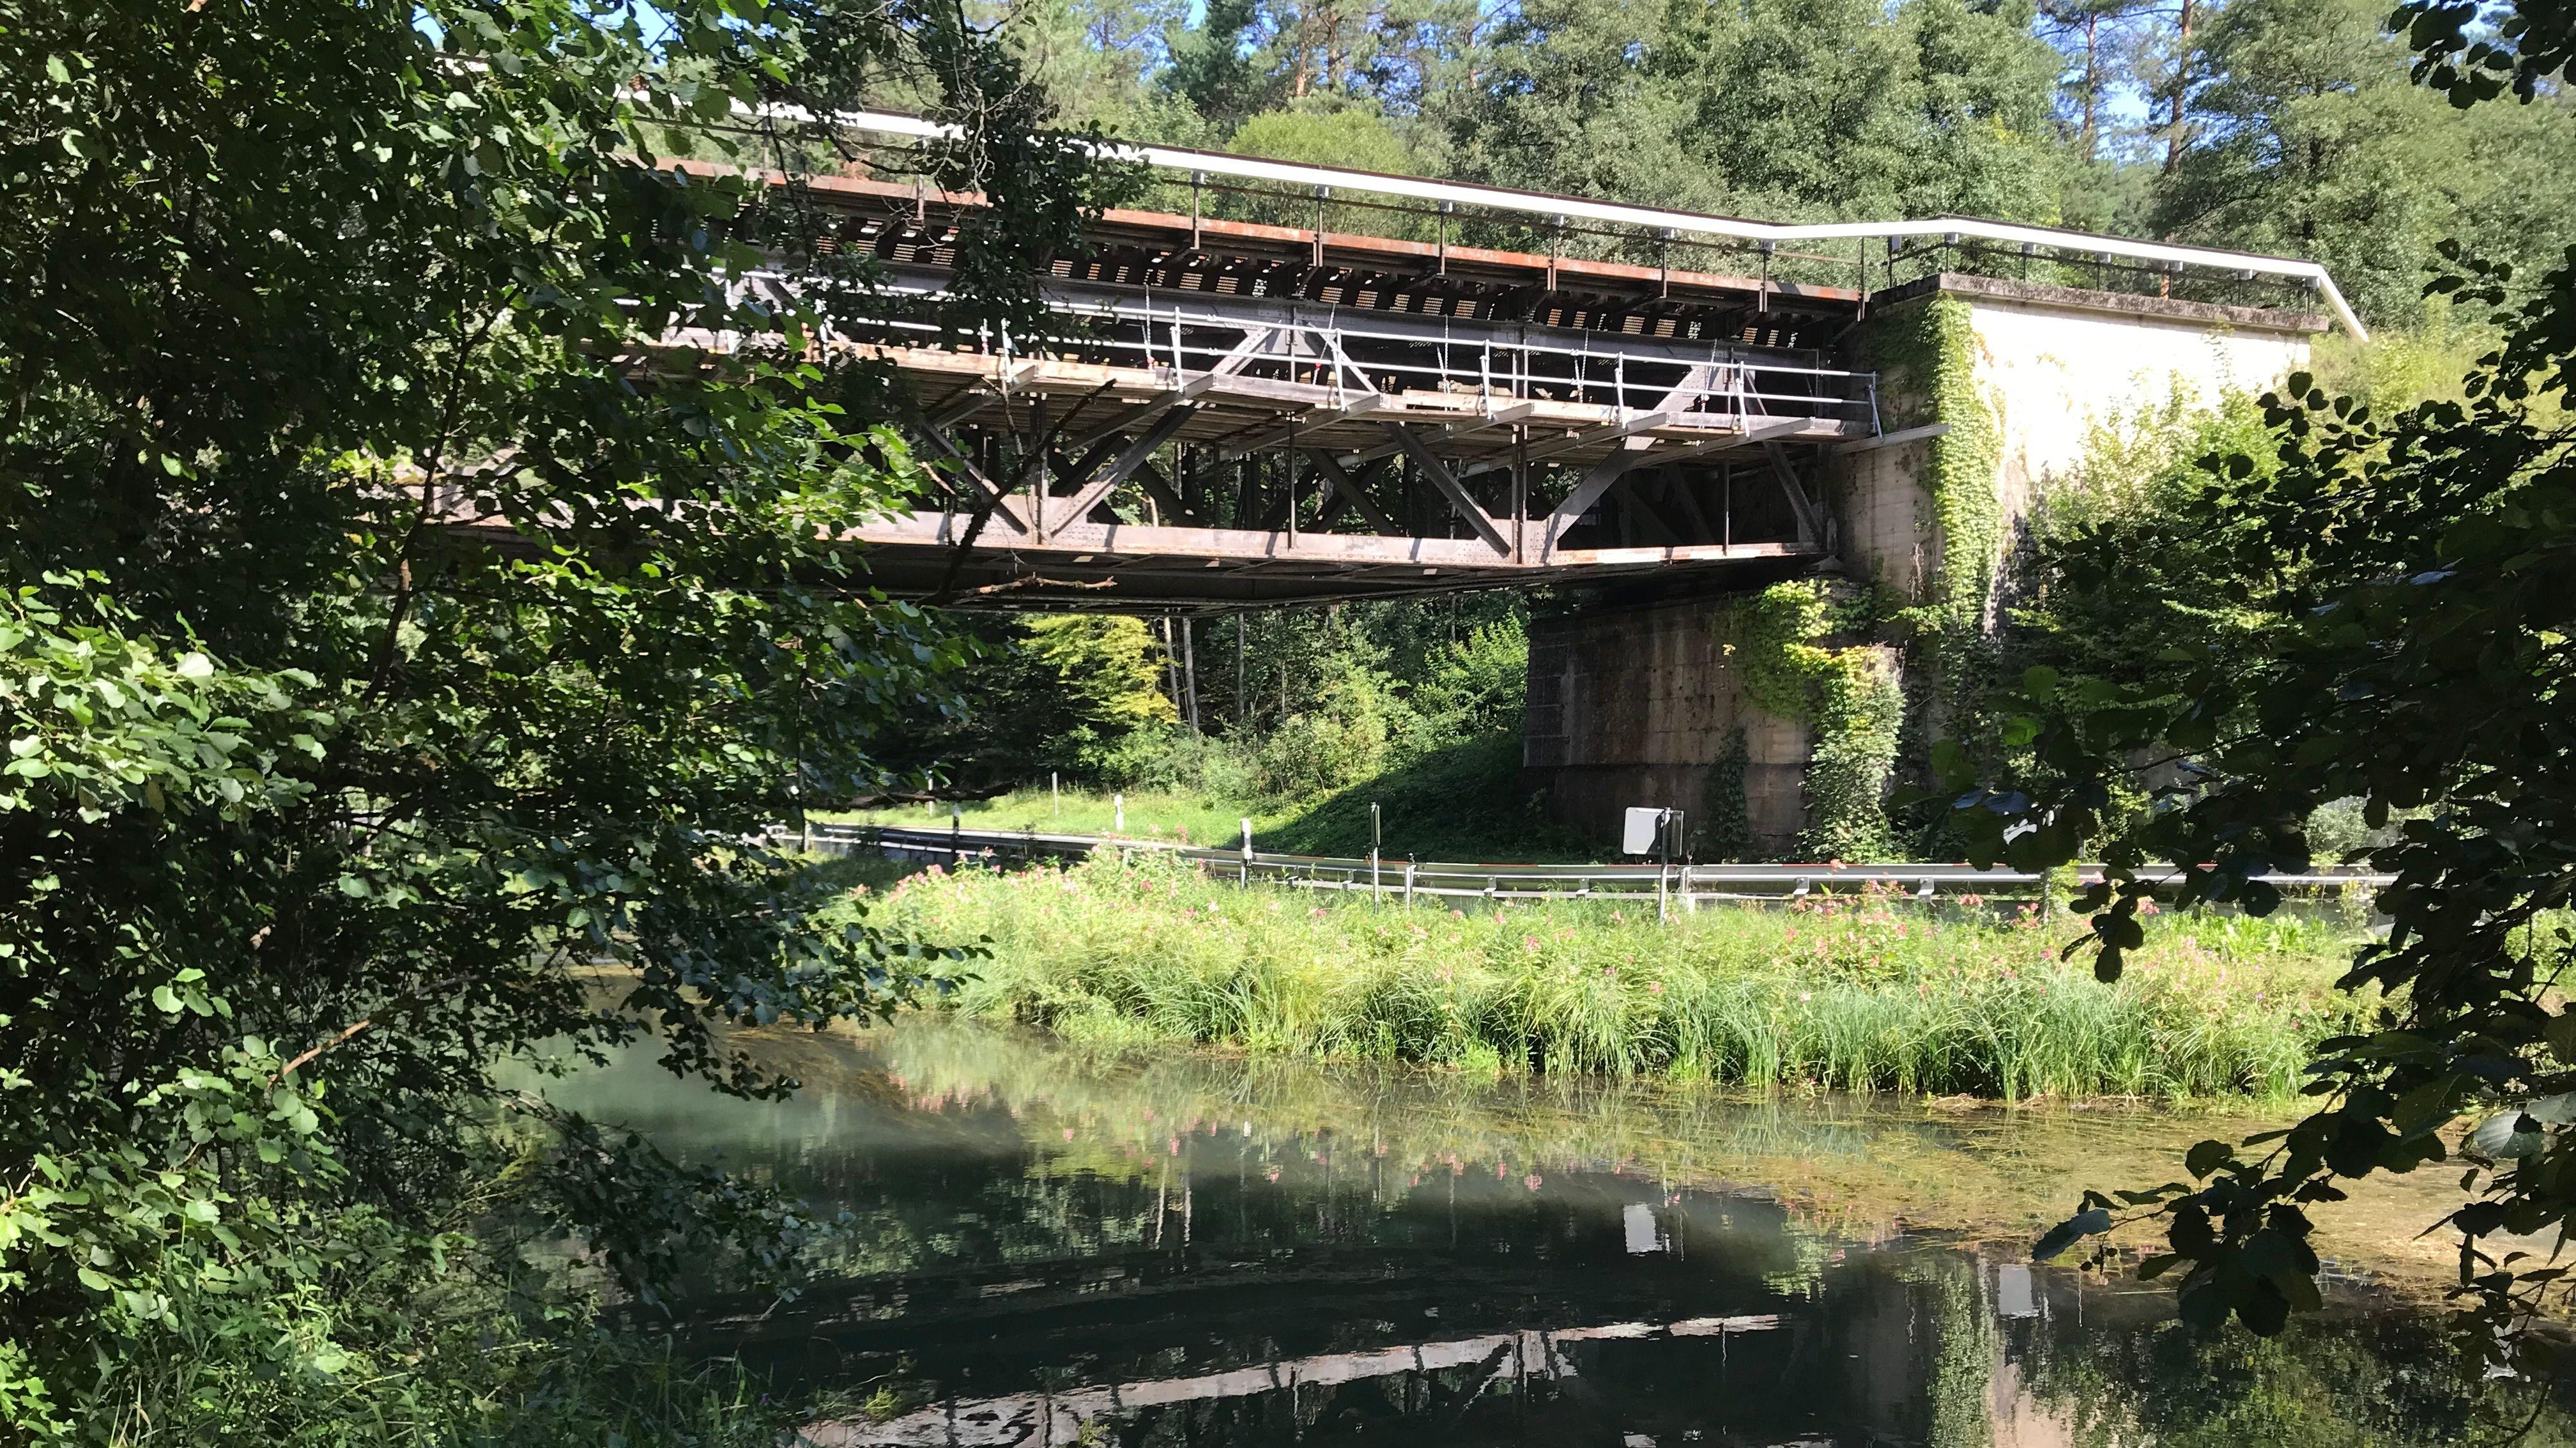 Brücke spiegelt sich im Wasser.